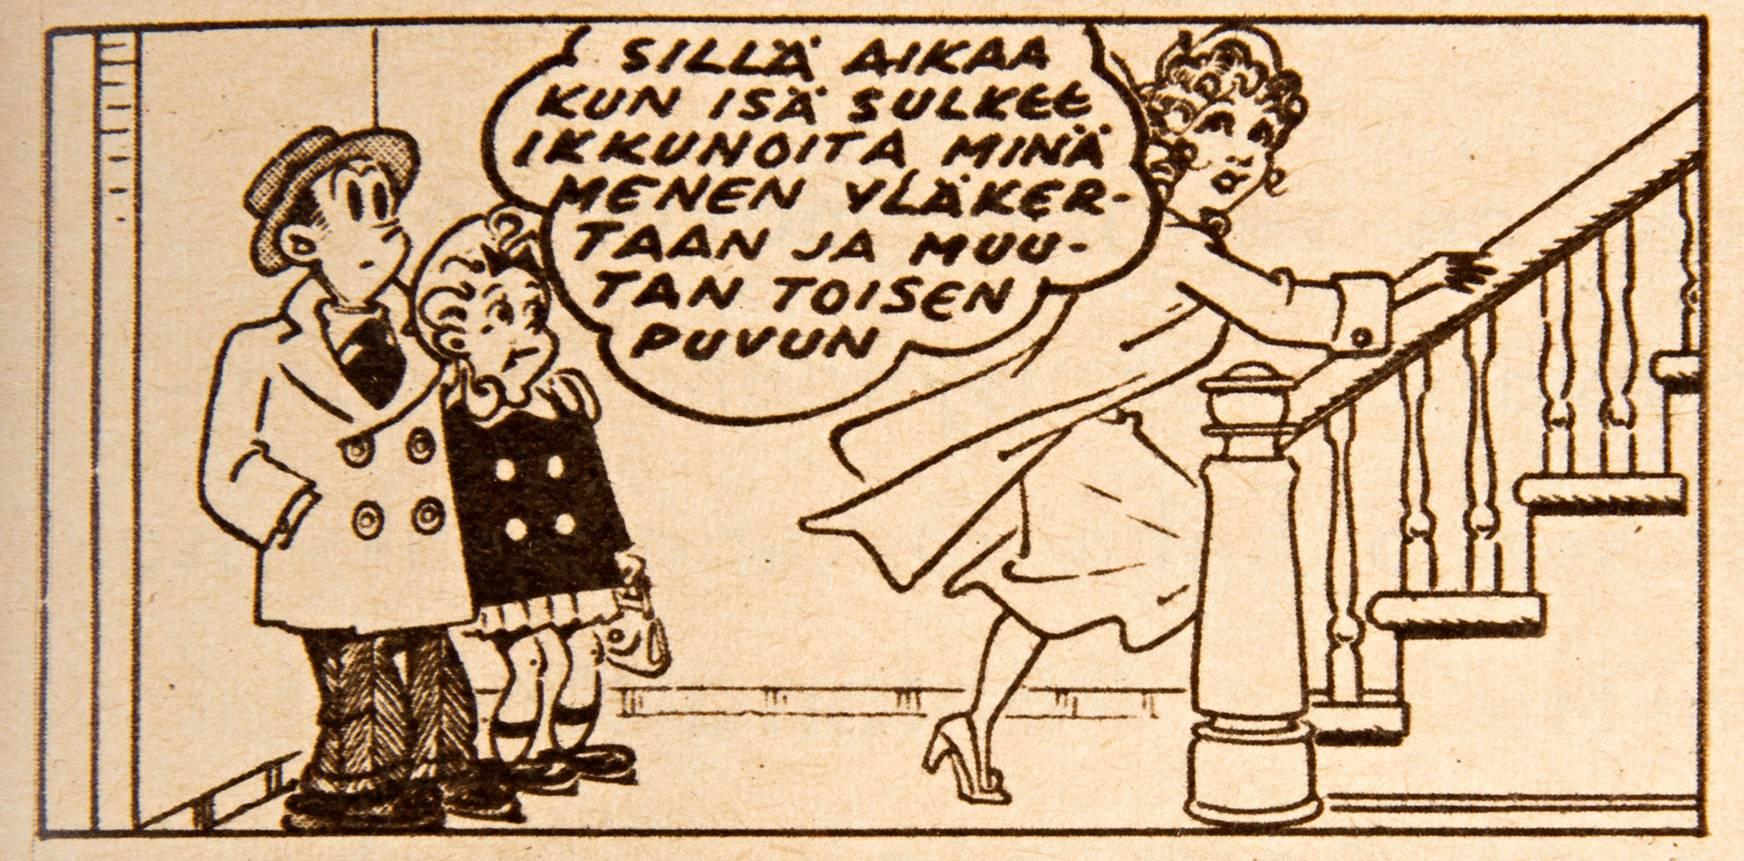 Aleksanteri ja Kiki odottavat, kun Helmi päättää vaihtaa vaatteita –taas kerran. SK 44/1956.